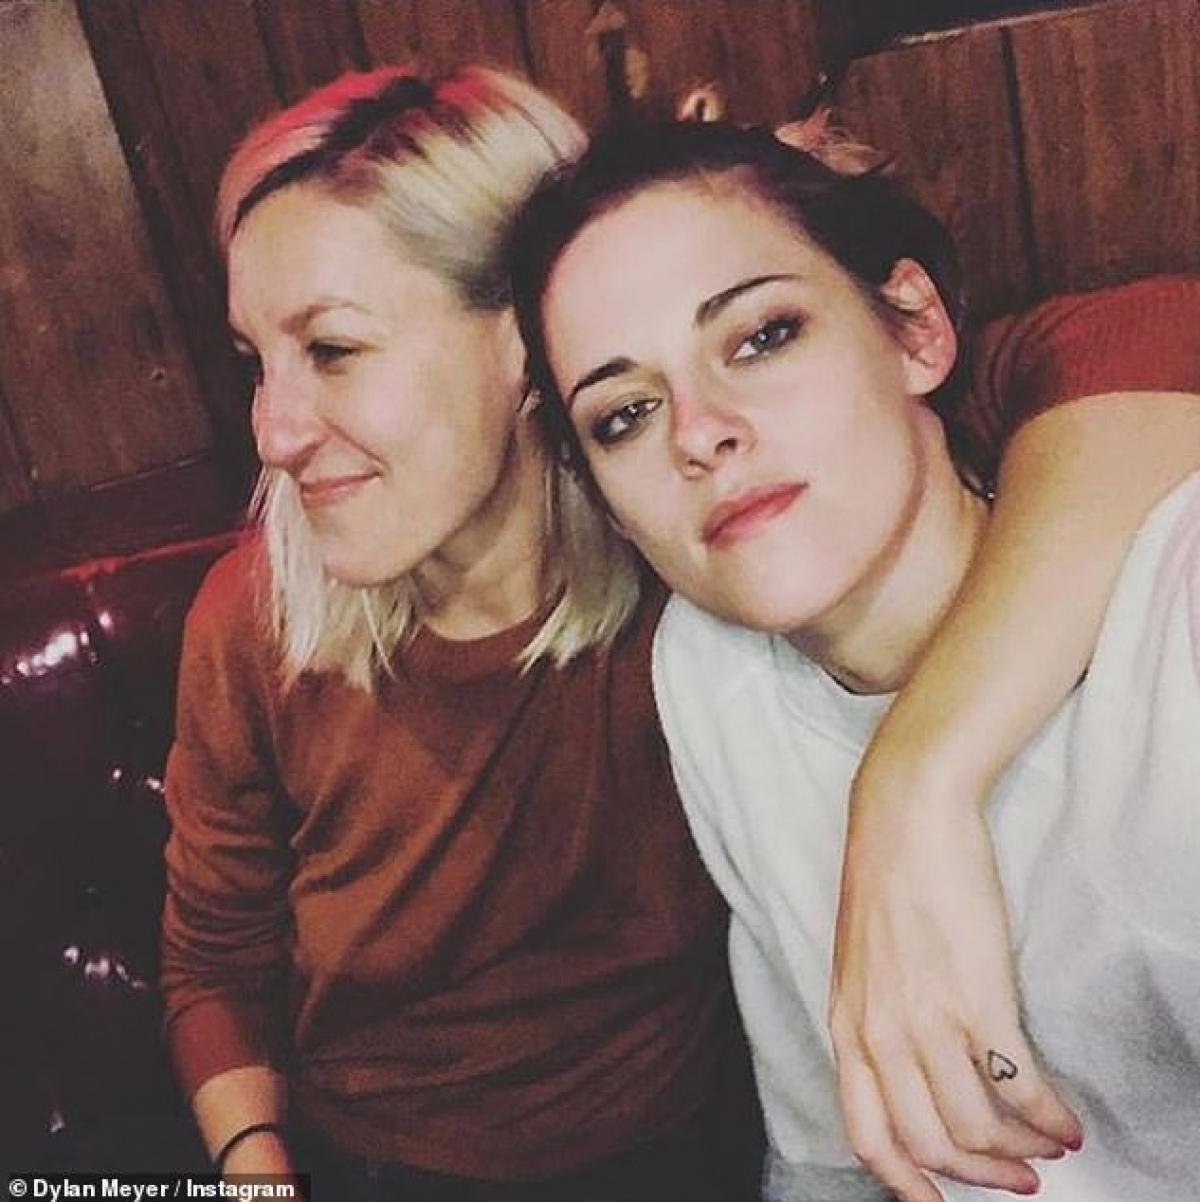 """Kristen Stewart là diễn viên và người mẫu Mỹ. Cô bắt đầu đóng phim từ năm 8 tuổi và nổi tiếng nhất với vai chính Bella trong loạt phim điện ảnh ăn khách Twilight (2008). Stewart và Robert Pattinson từng là cặp sao """"phim giả tình thật"""" rất được yêu mến."""